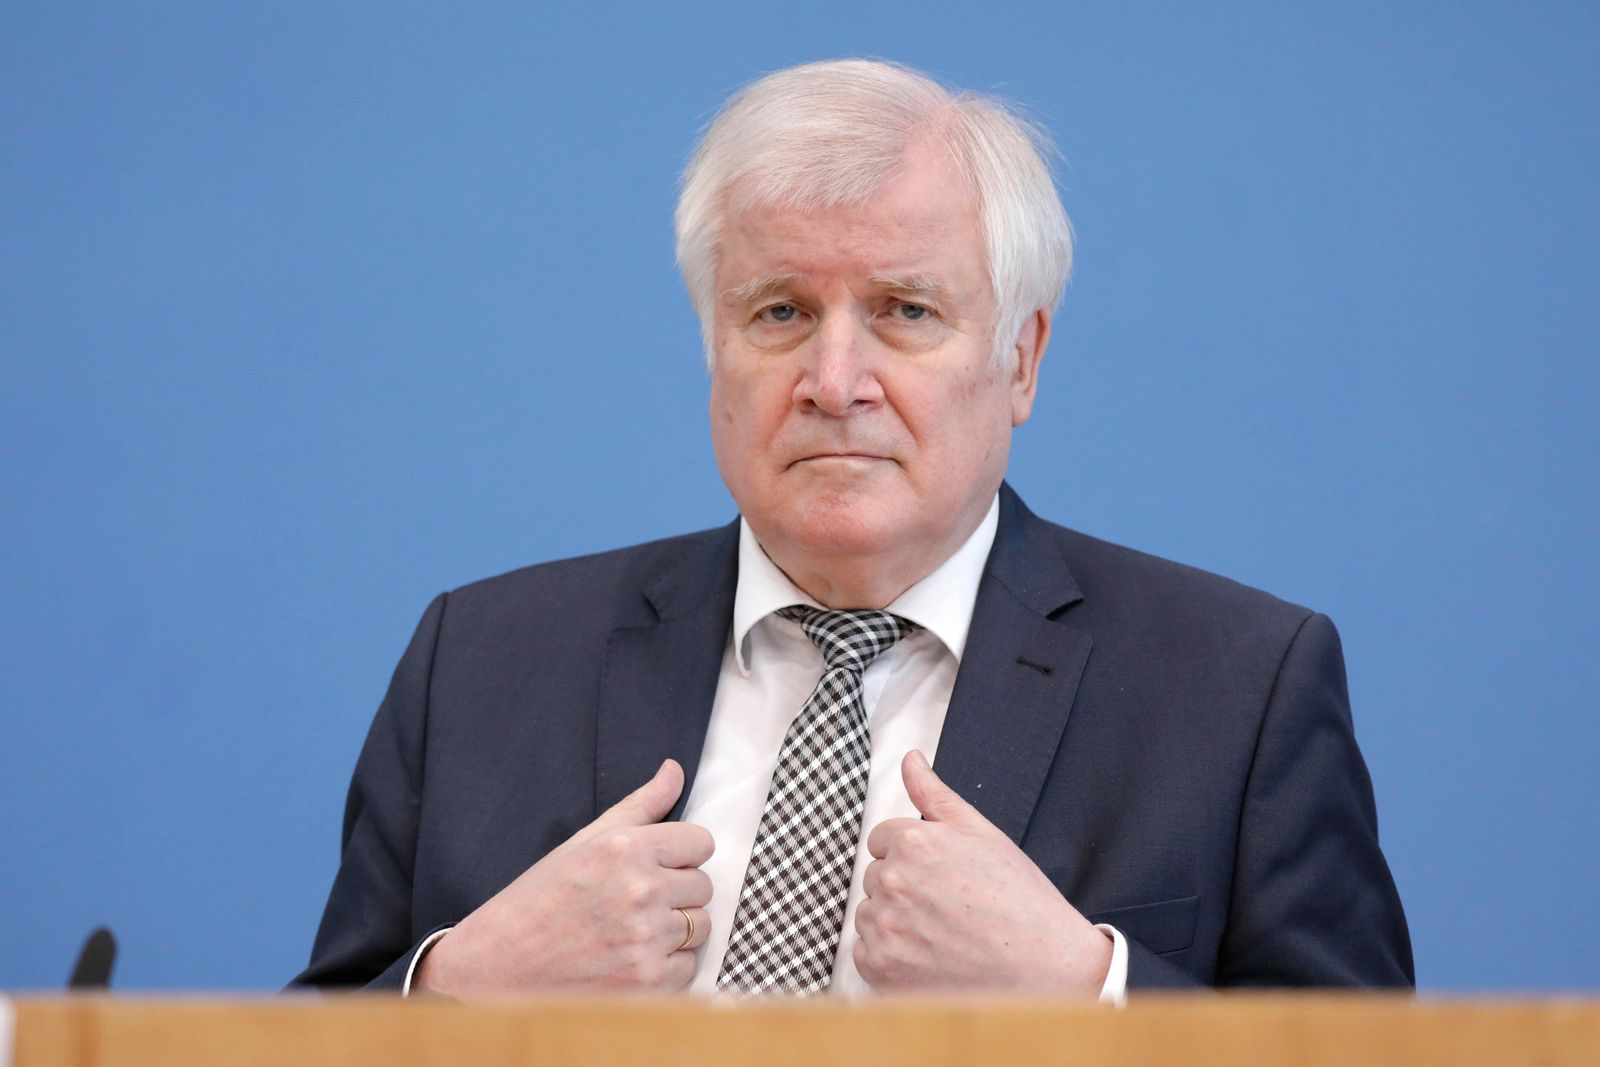 Horst Seehofer, Bundesminister des Innern, fuer Bau und Heimat, CSU, PK zu - Hochwasserhilfen des Bundes, DEU, Berlin, 2